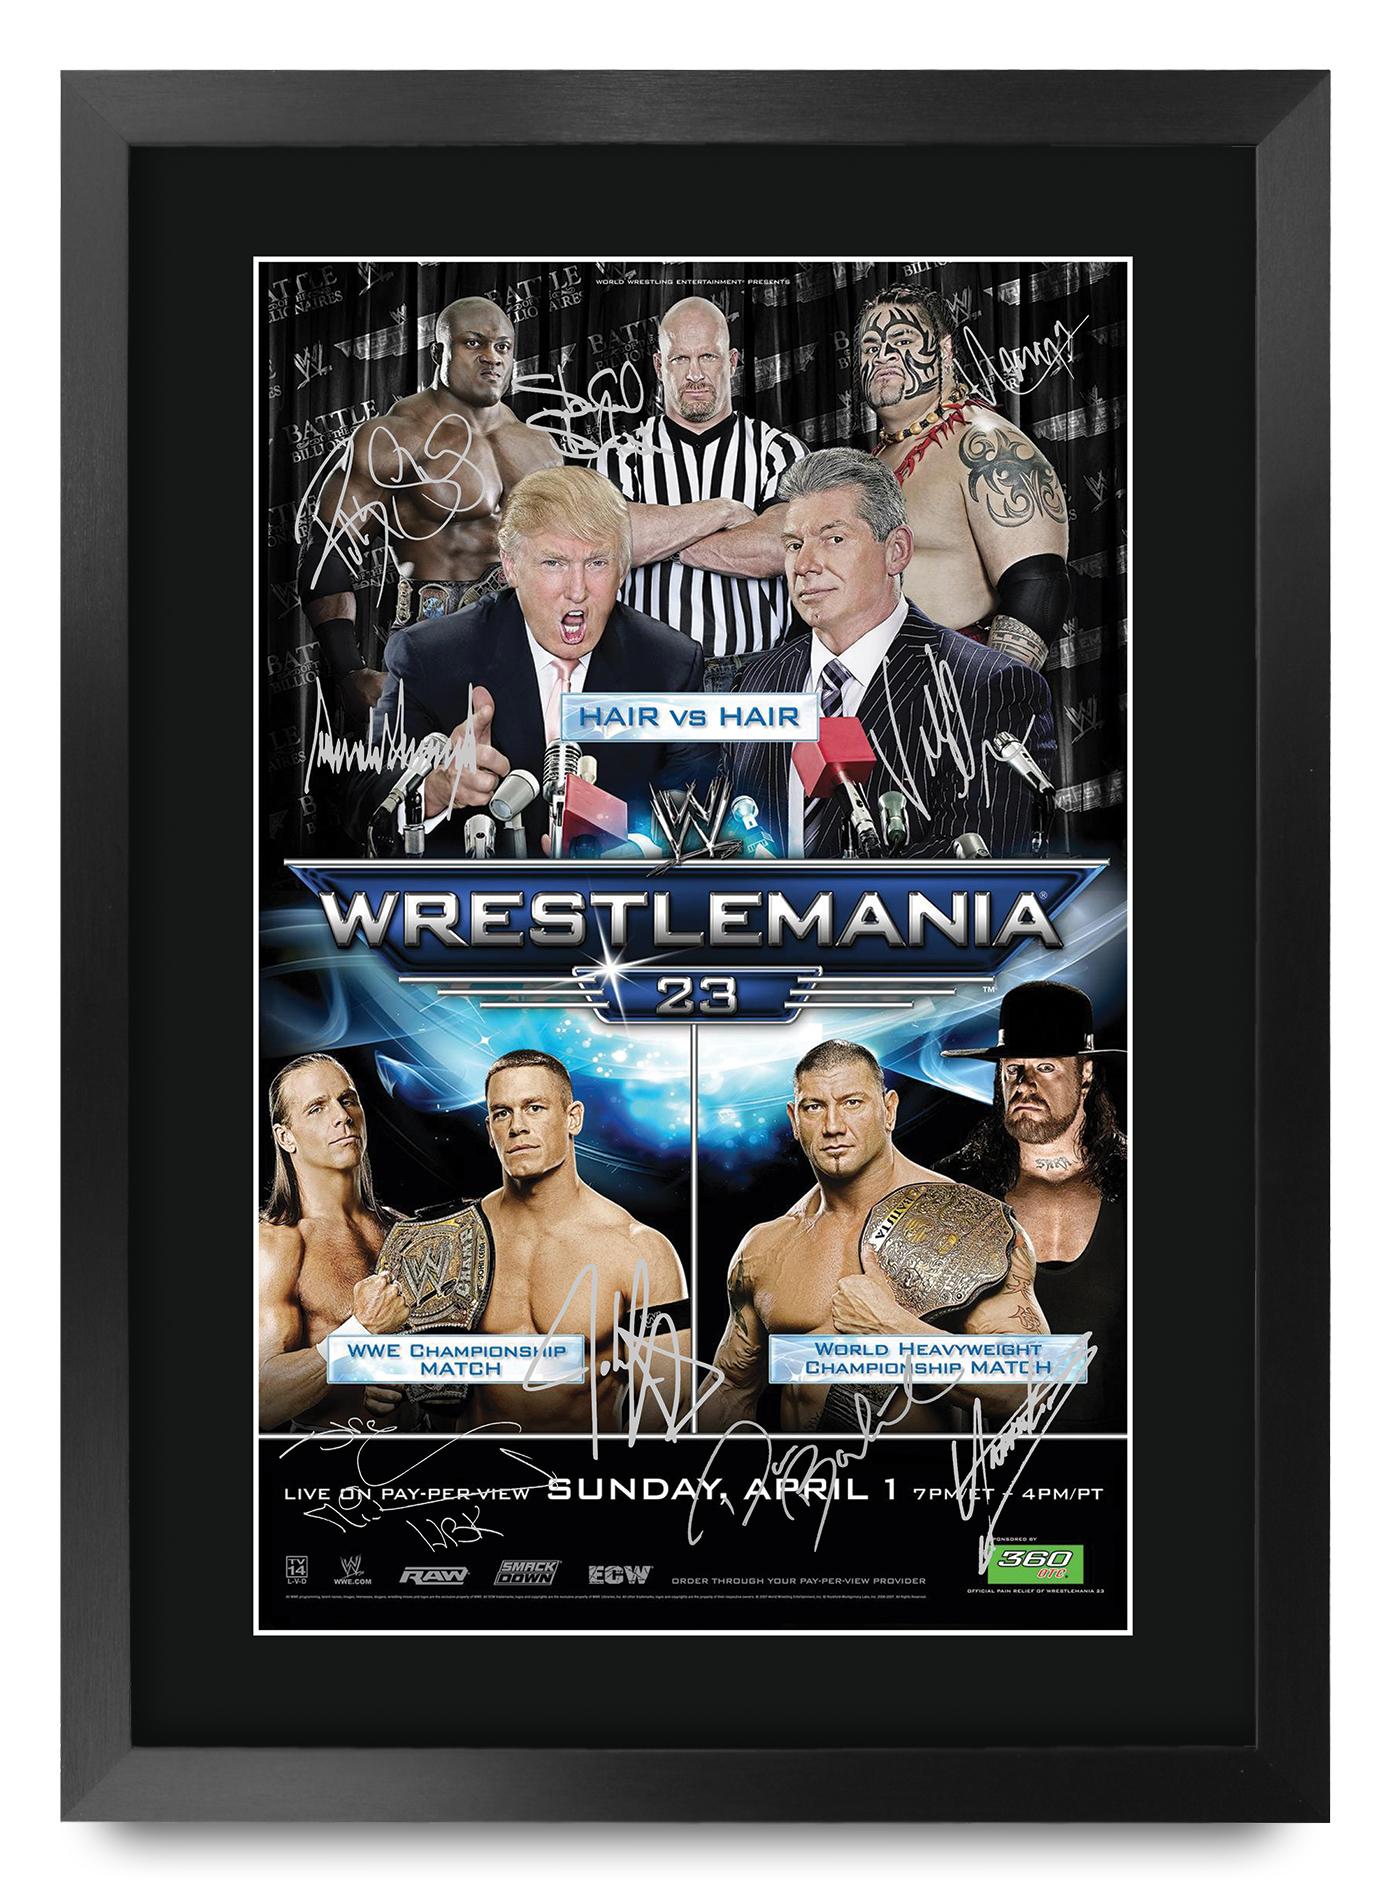 Wrestling Room Design: WrestleMania 23 Programme WWF WWE Wrestling Fan Gifts